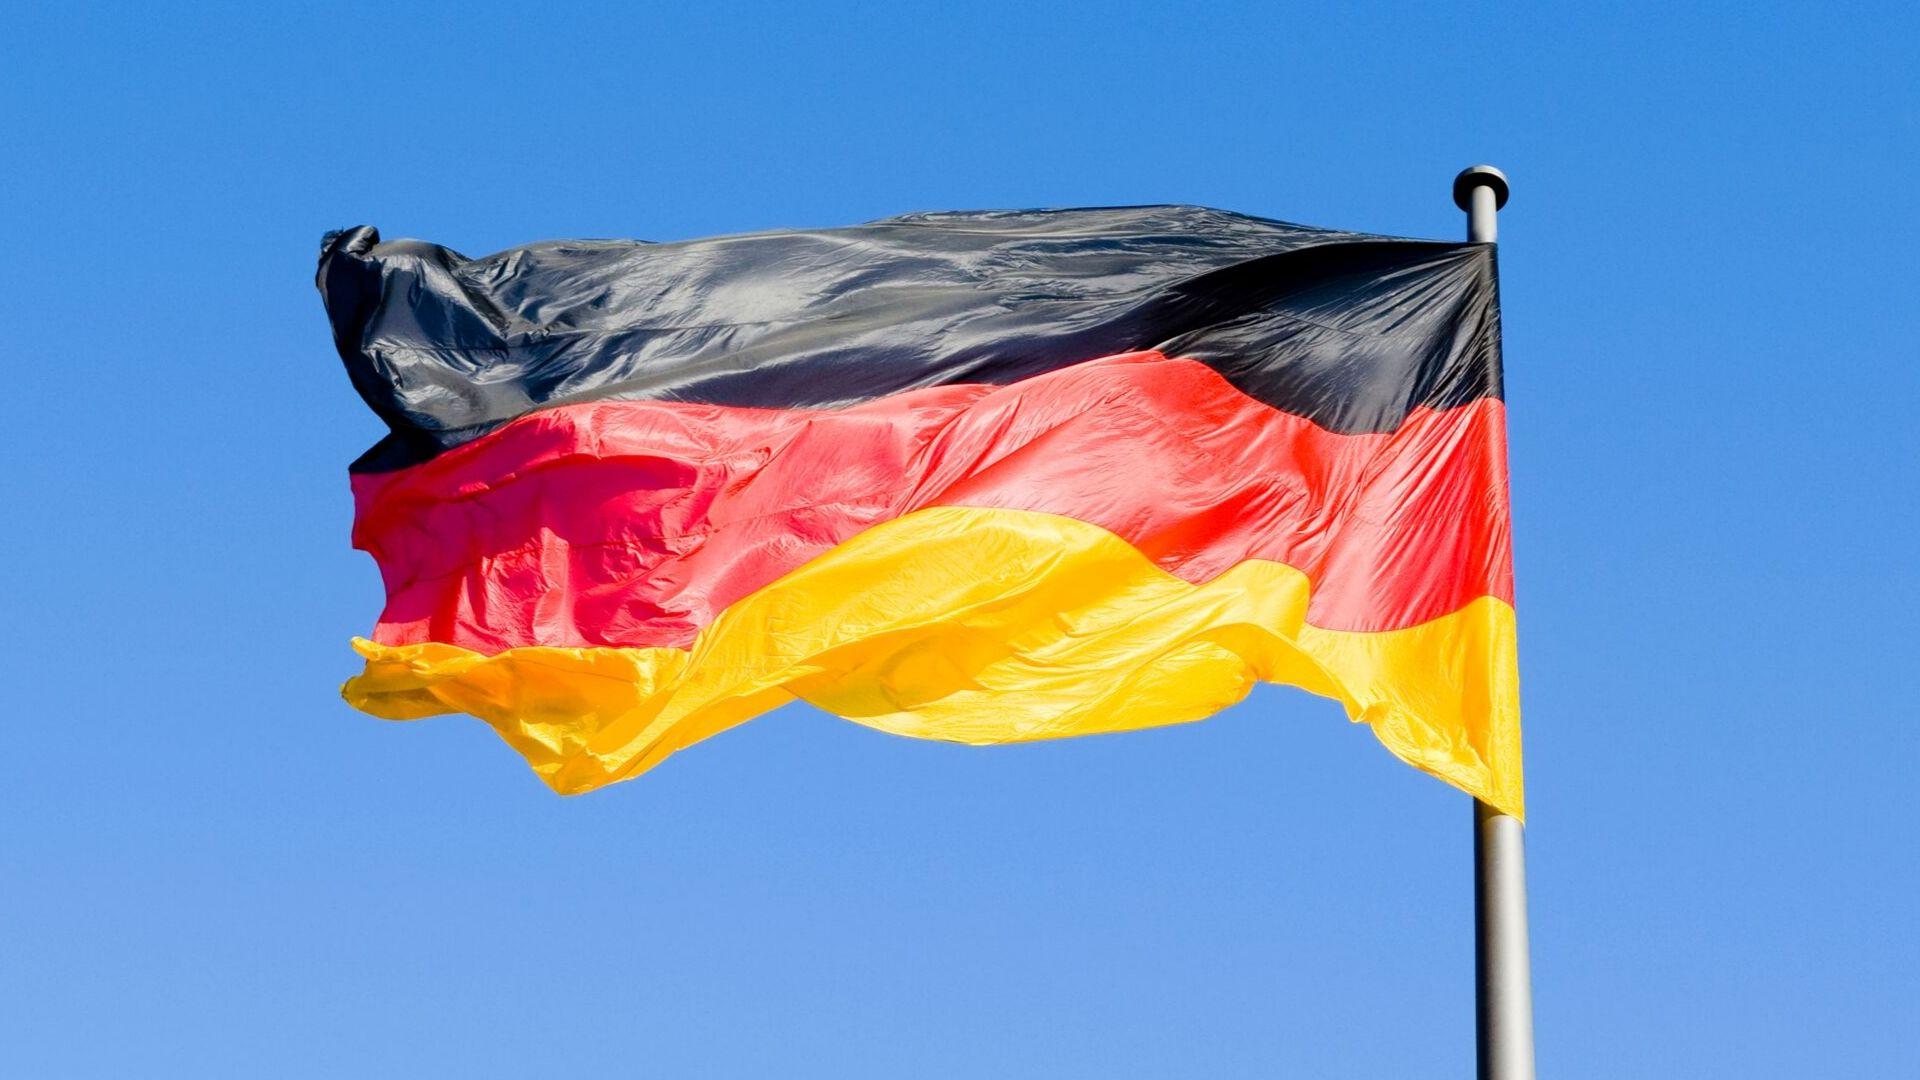 Germania. Modifica dellesonero dal pedaggio per i veicoli bivalenti a gas naturale. 2